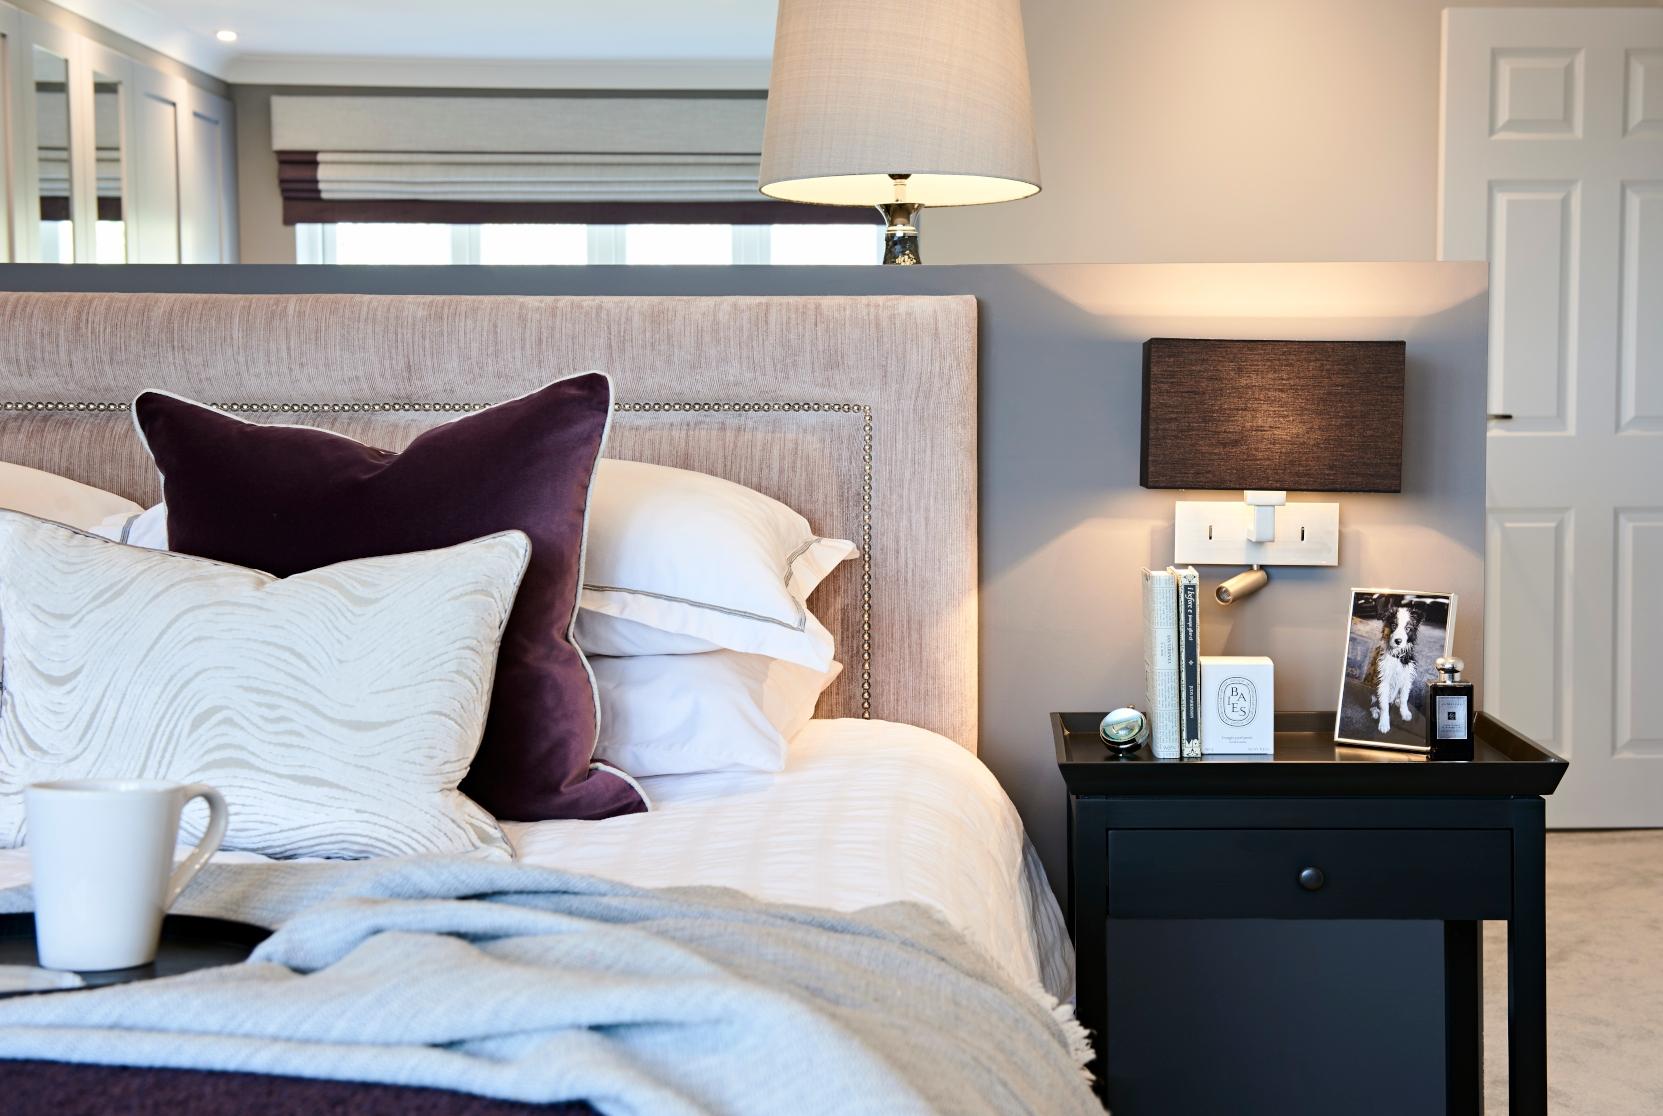 Master bedroom bedside table styling - Interior design